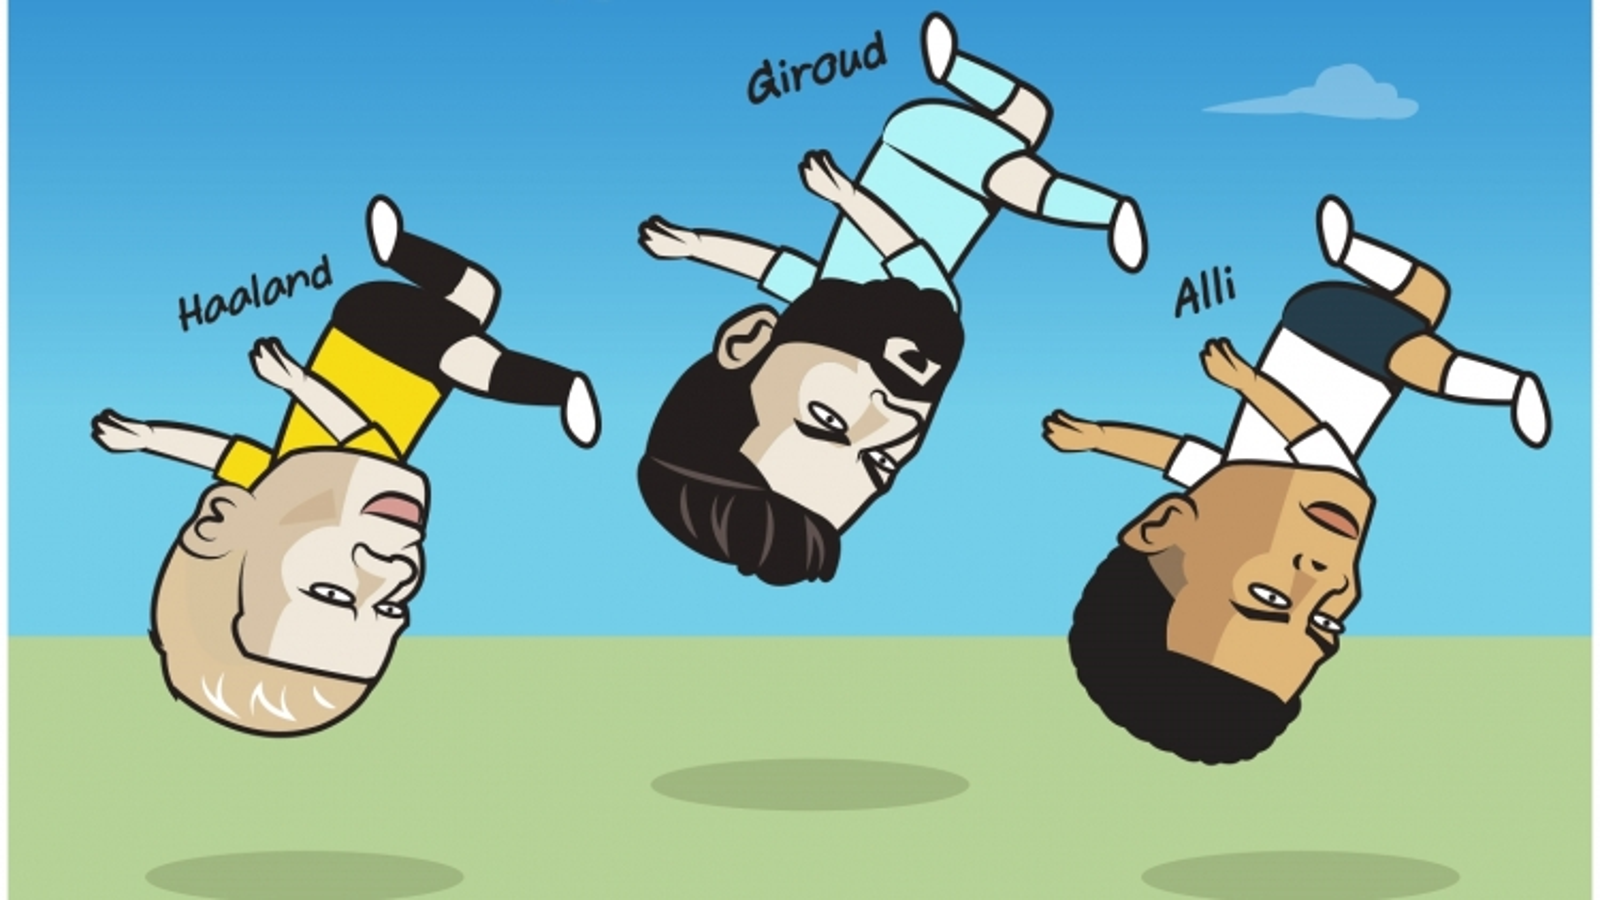 """Biếm họa 24h: Haaland, Giroud, Alli thi nhau trổ tài """"ngả bàn đèn"""""""